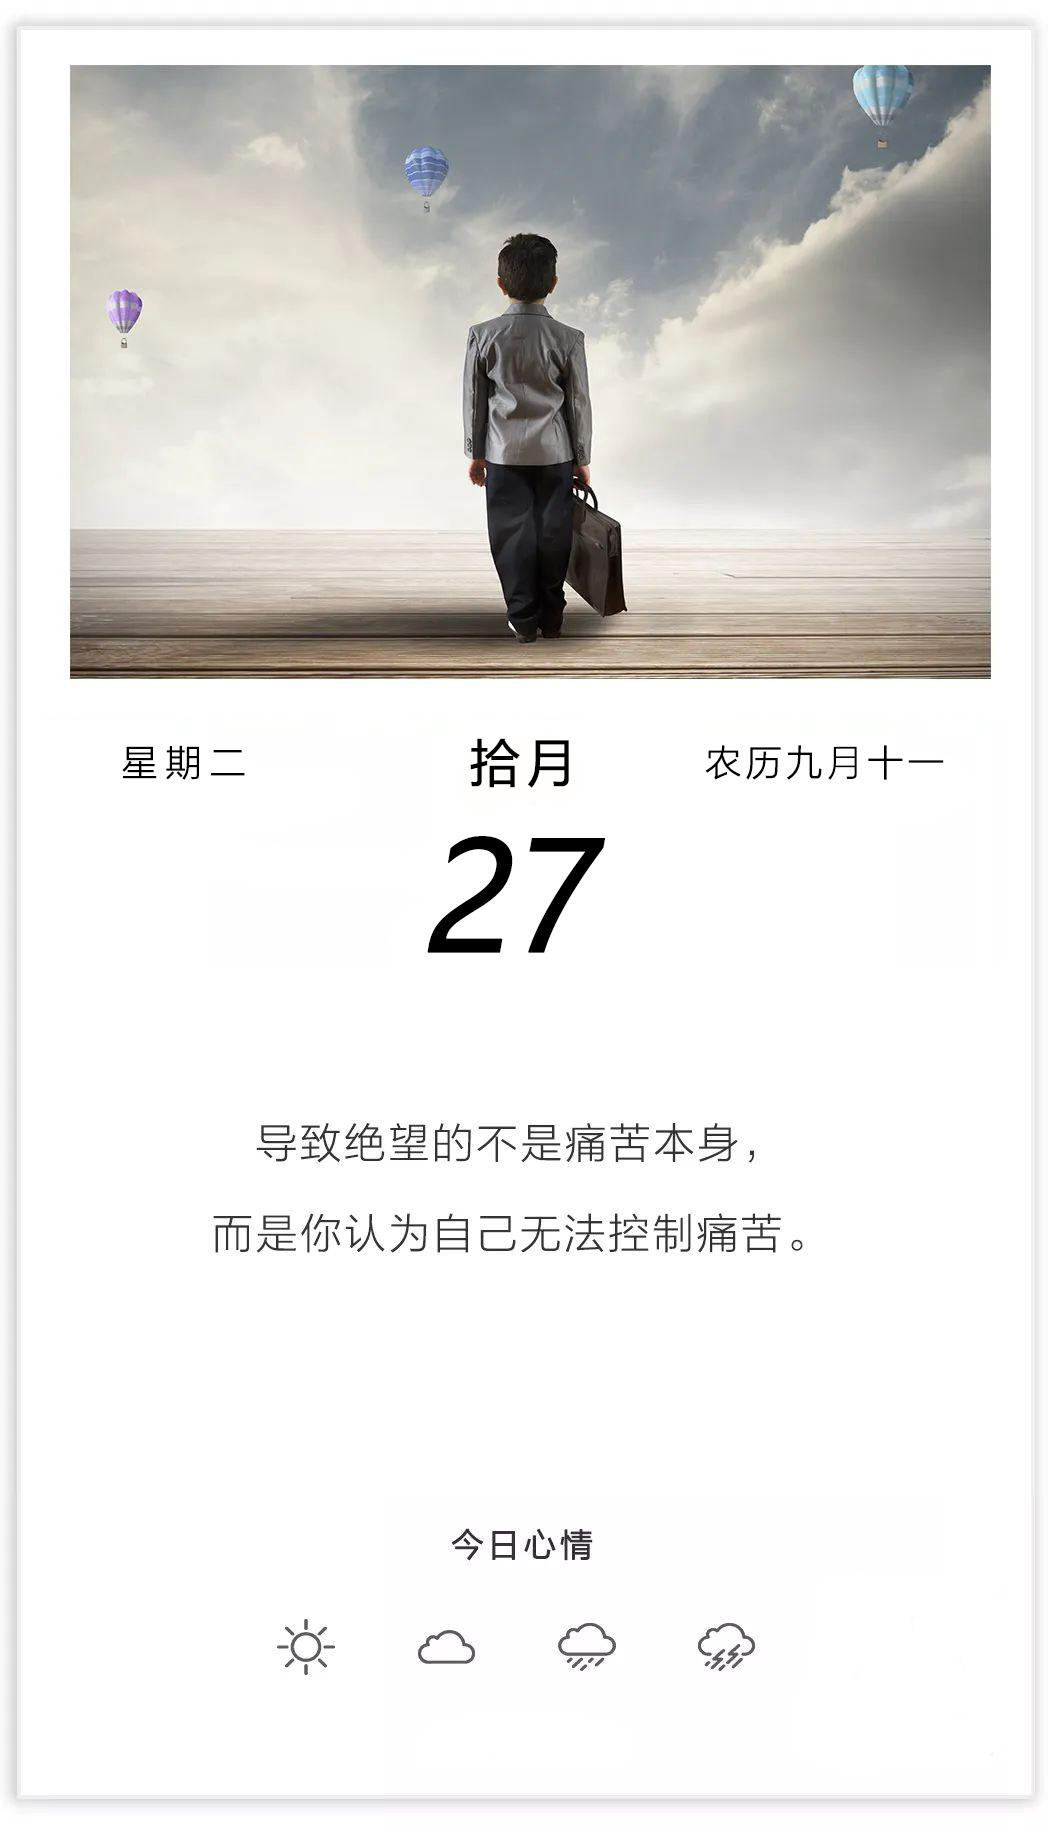 10月27早安图片日签正能量:青春不老梦想永在,初心不改梦想加油